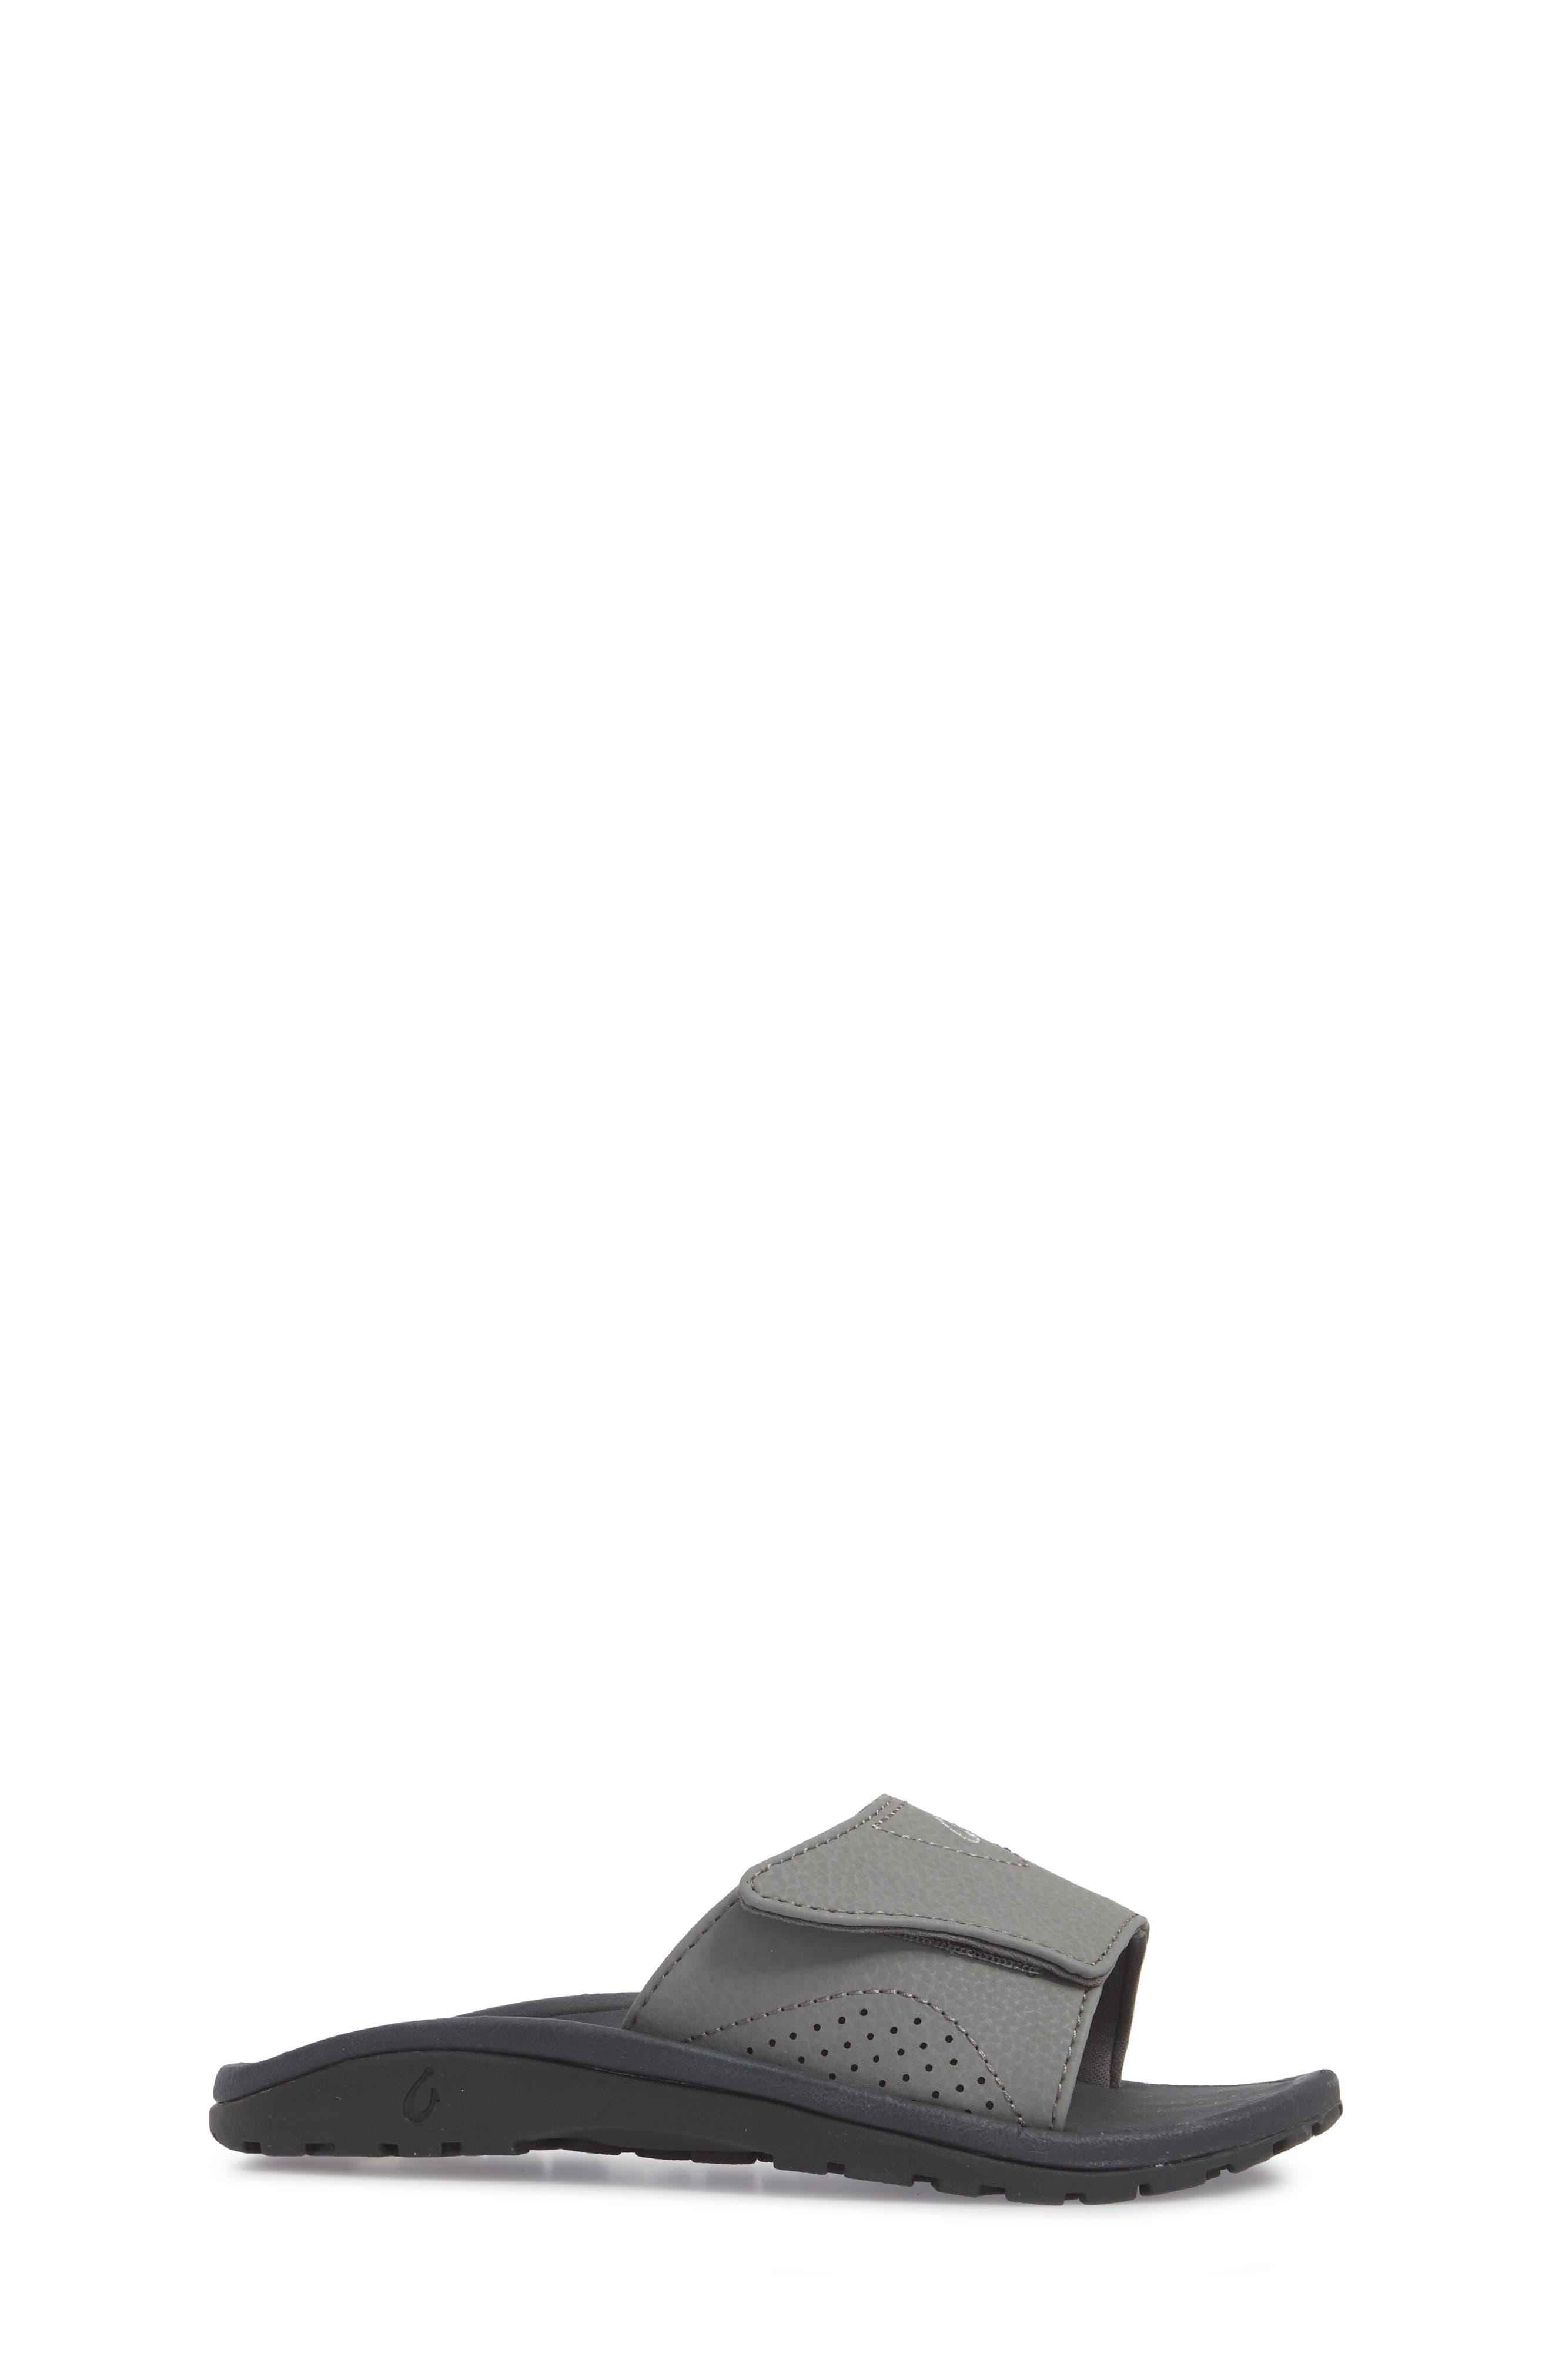 OLUKAI, Nalu Slide Sandal, Alternate thumbnail 3, color, CHARCOAL/ LAVA ROCK